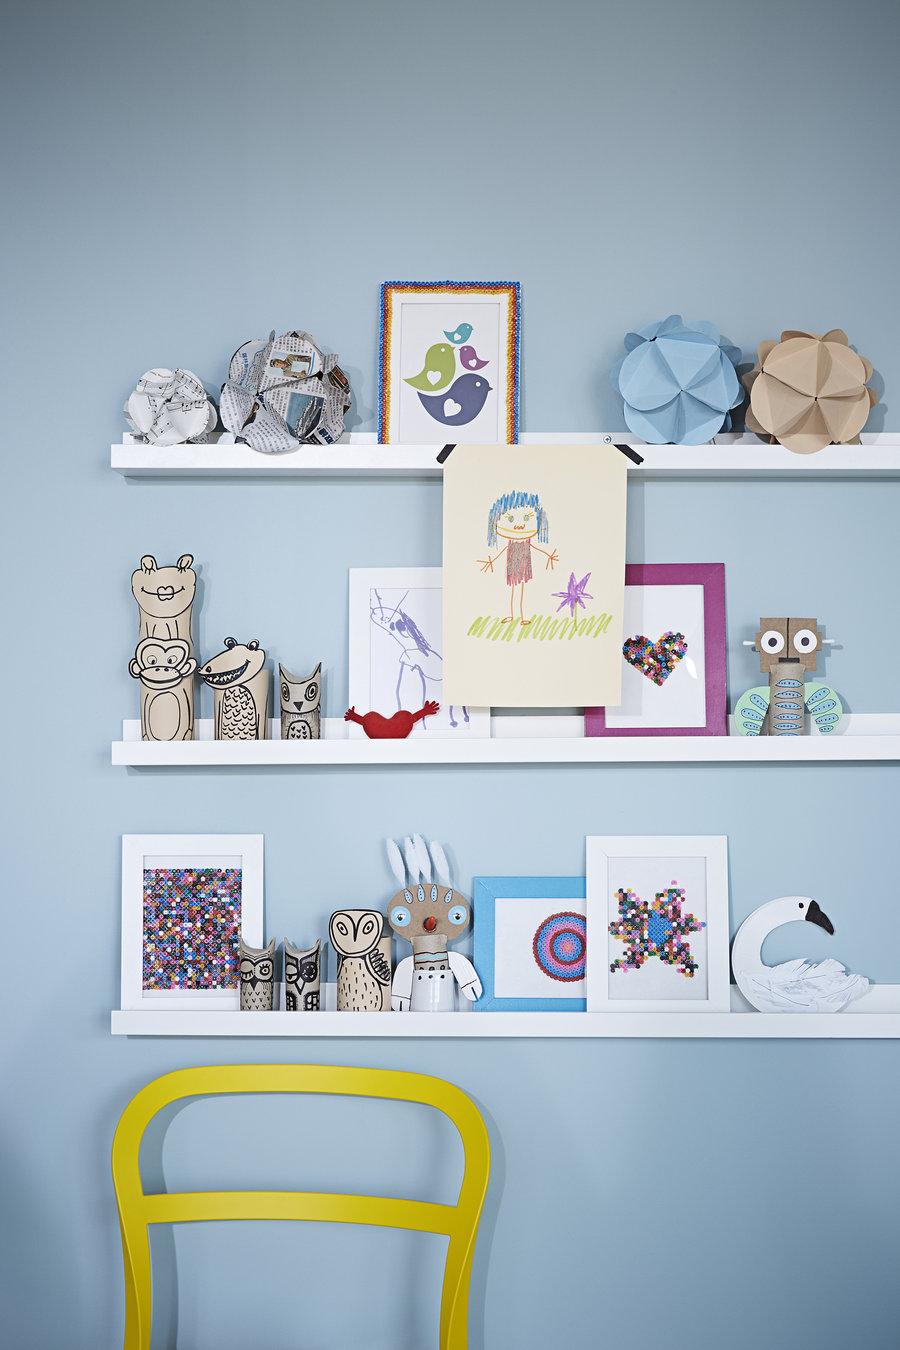 der neue ikea katalog 2014 ist da jetzt endlich auch live. Black Bedroom Furniture Sets. Home Design Ideas